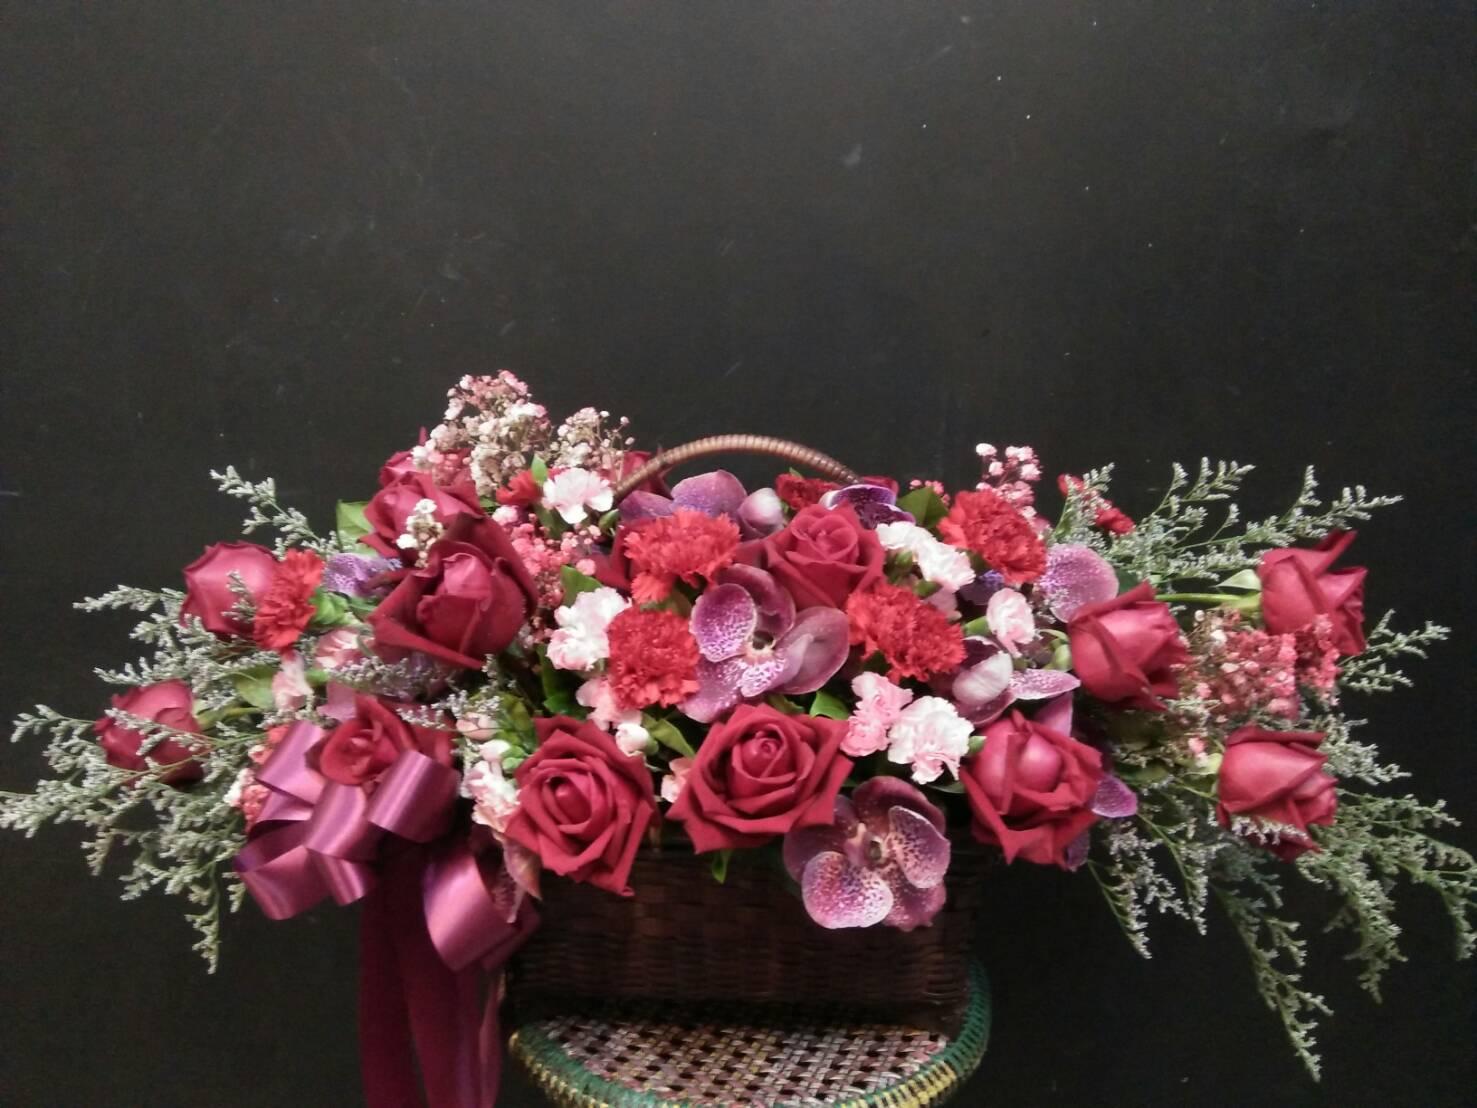 กระเช้าดอกไม้ 02